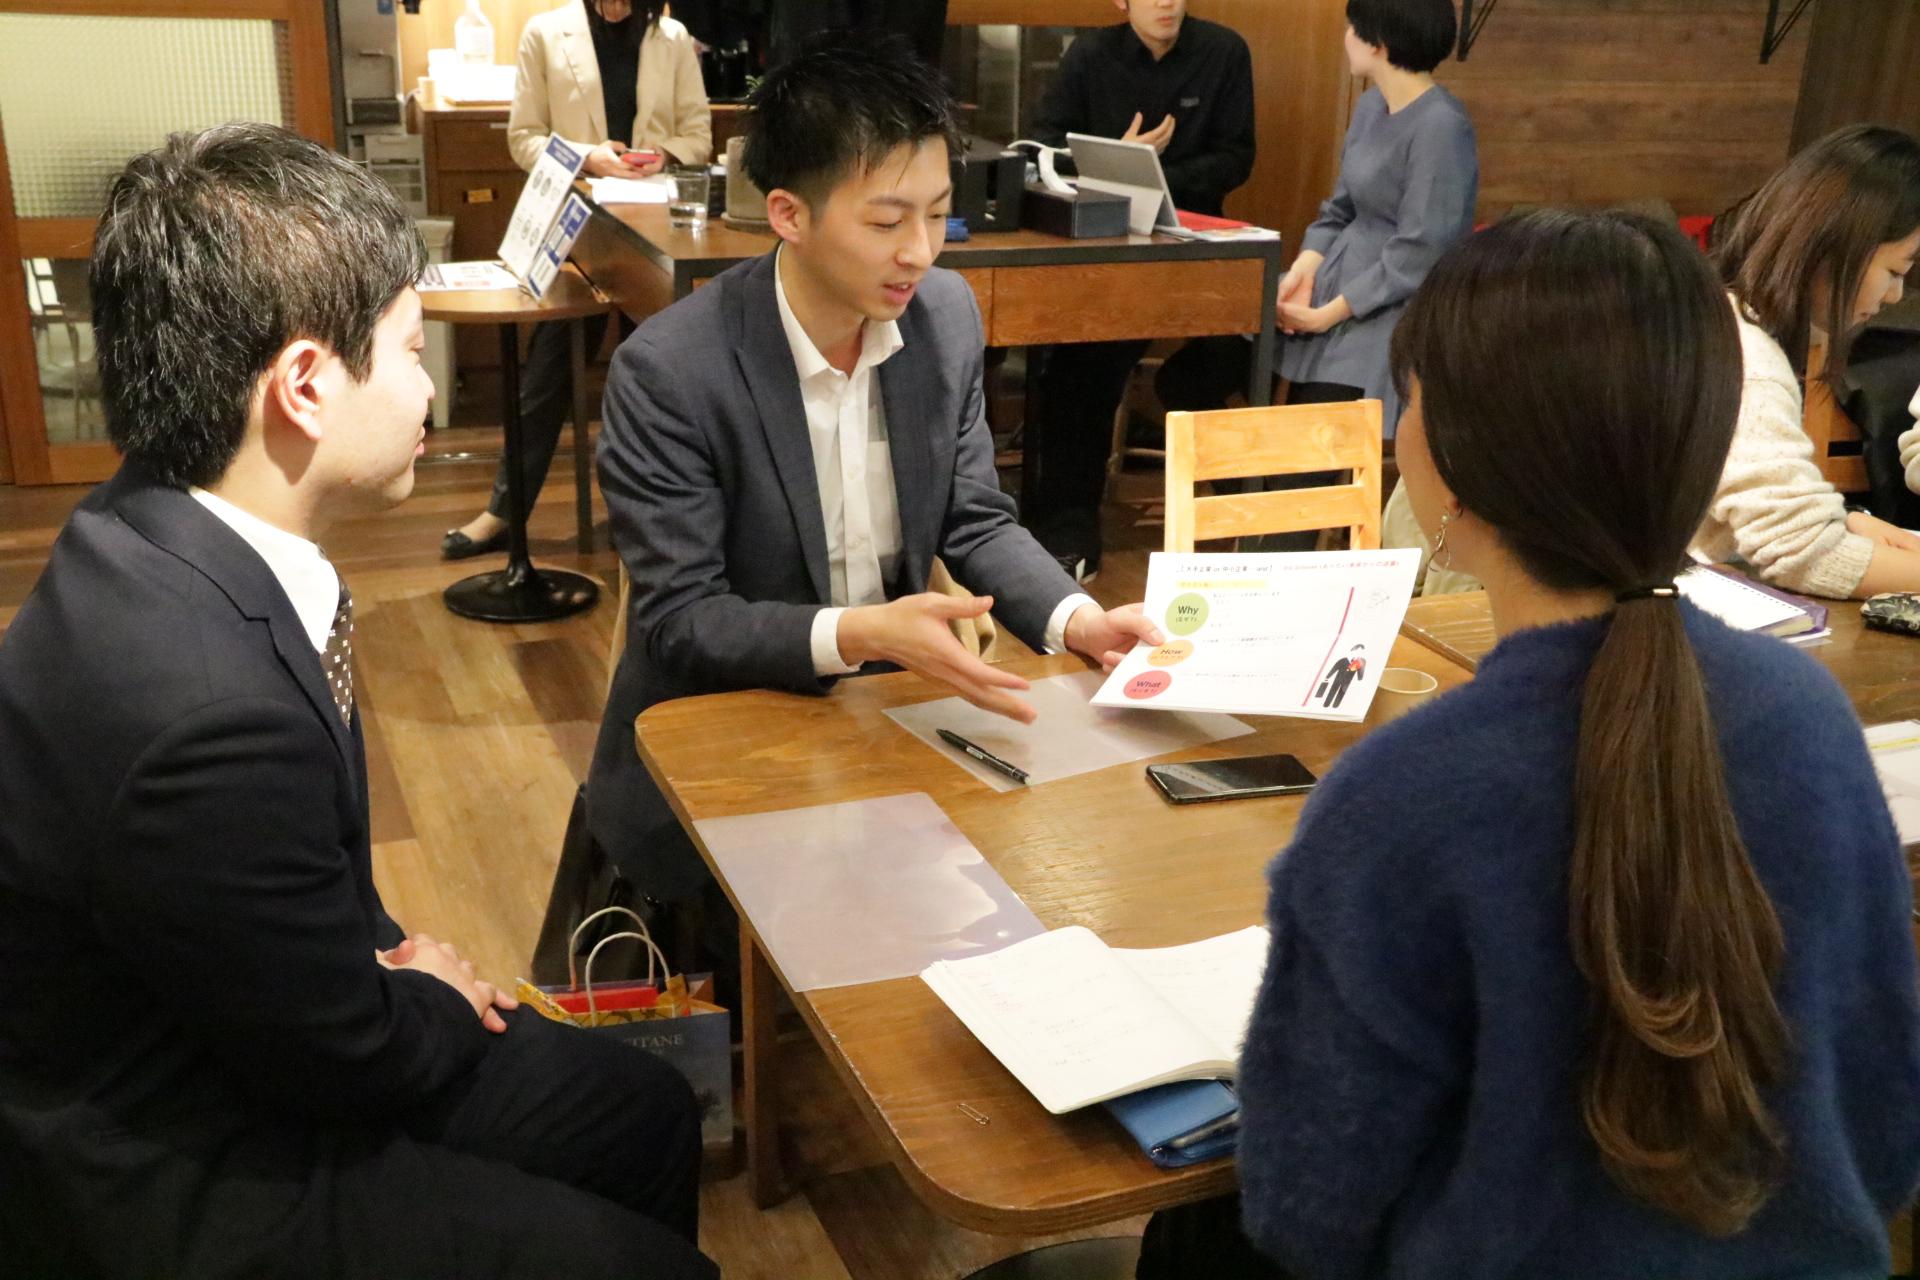 ▲サードアンサーで自分の企業選びの軸を考え、 参加者同士、社会人の先輩も巻き込んだあつい議論。